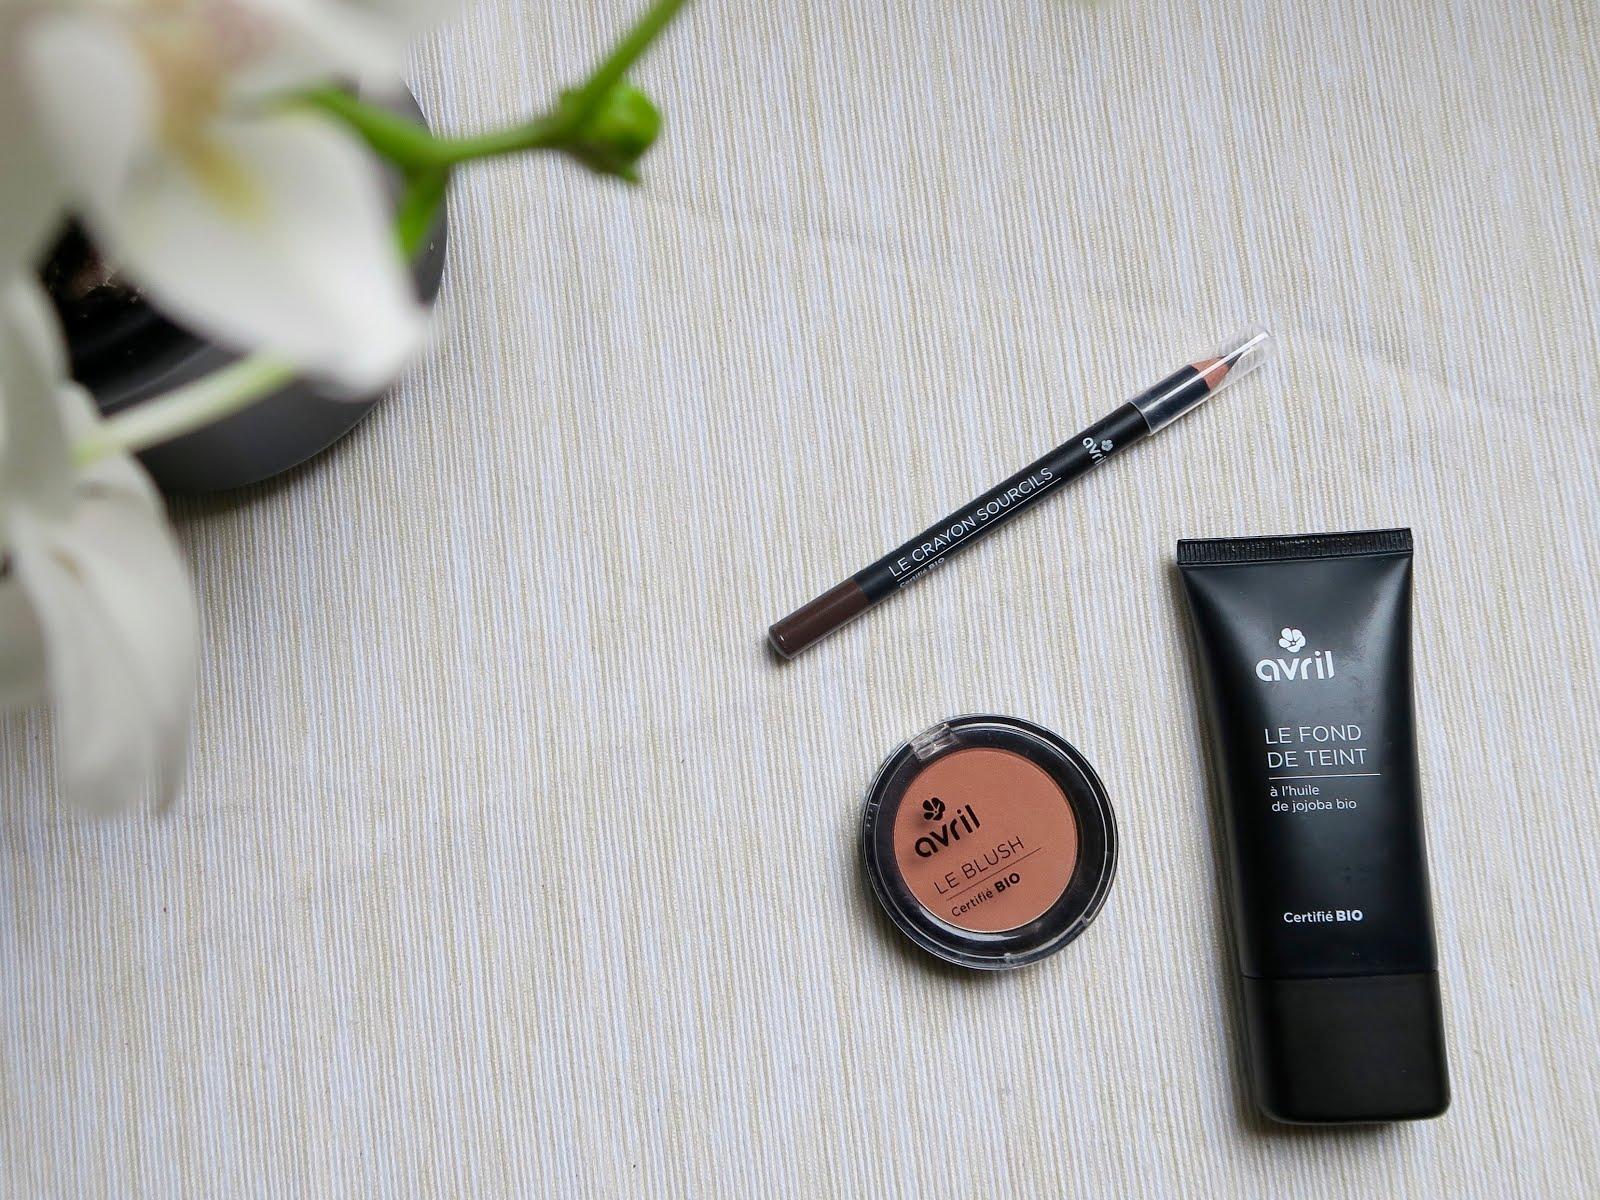 Avril Organic Makeup Review